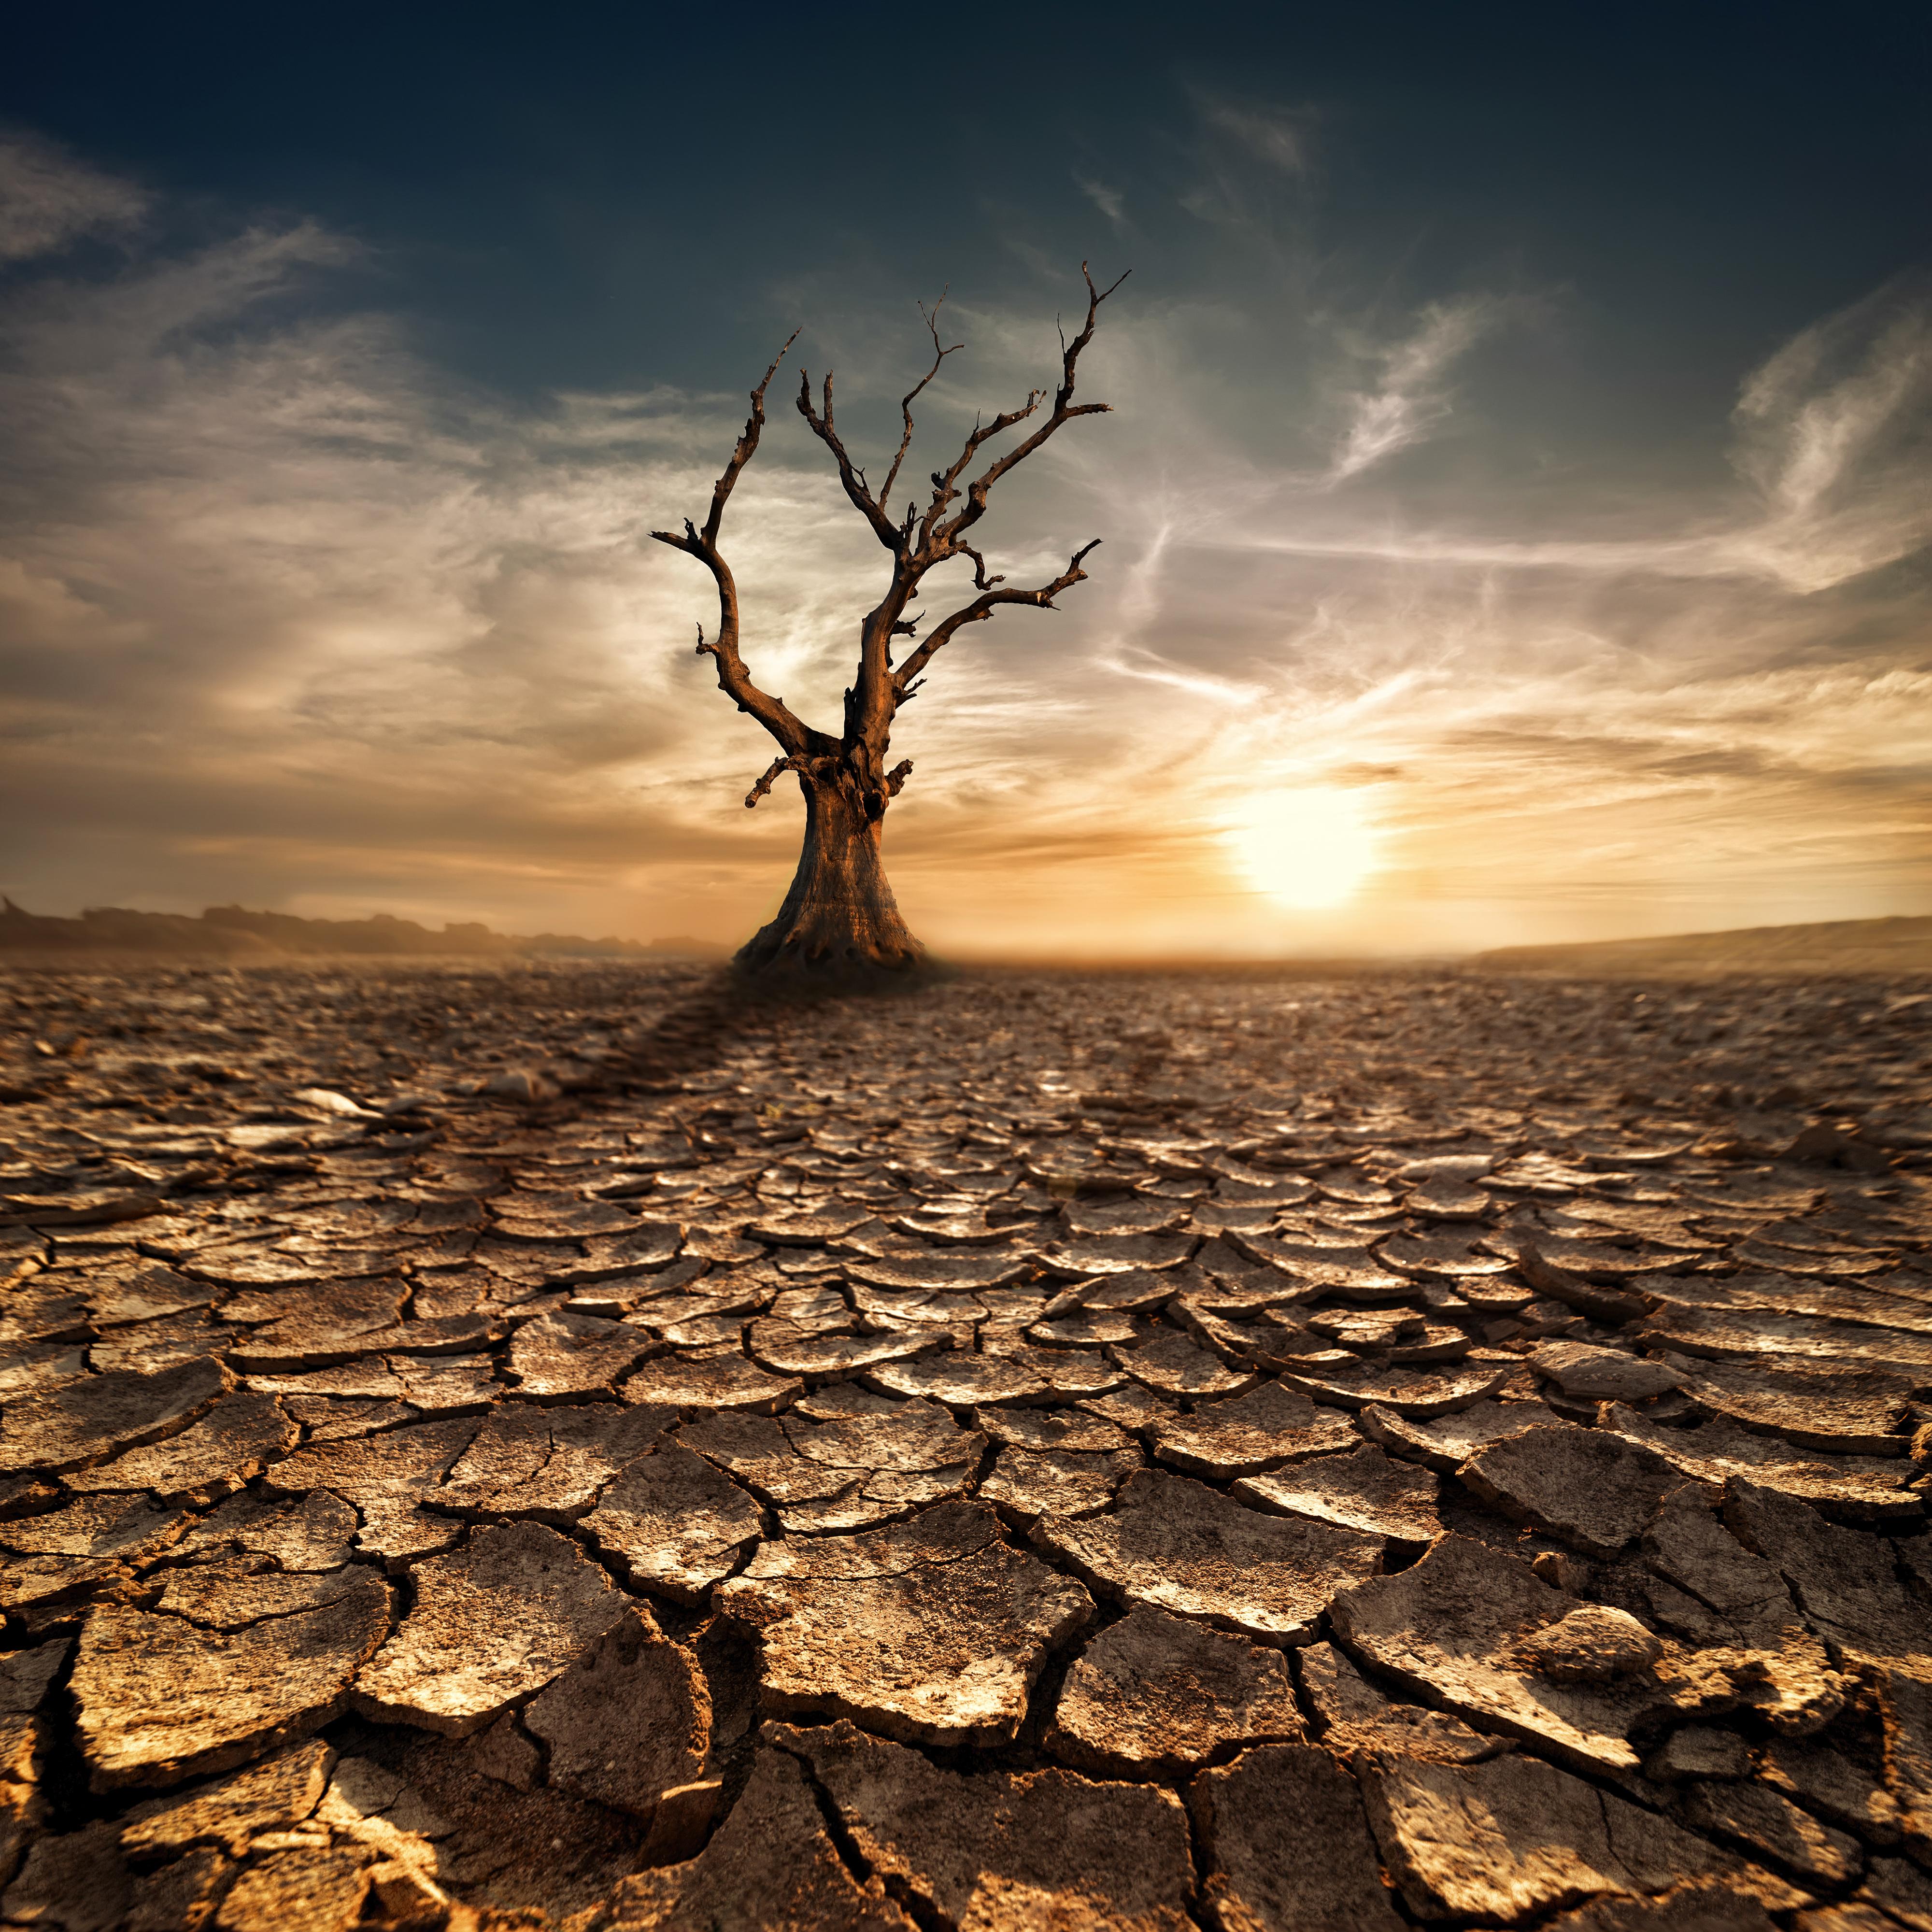 In The Desert clipart desert background Size Quality Background Yopriceville Desert